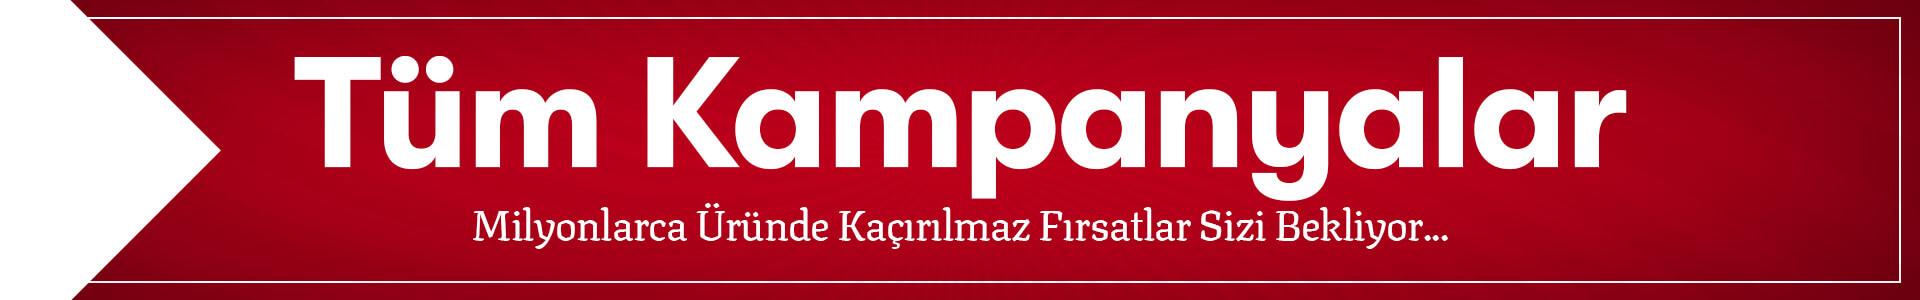 tum-kampanyalar-ust-banner.jpg (87 KB)